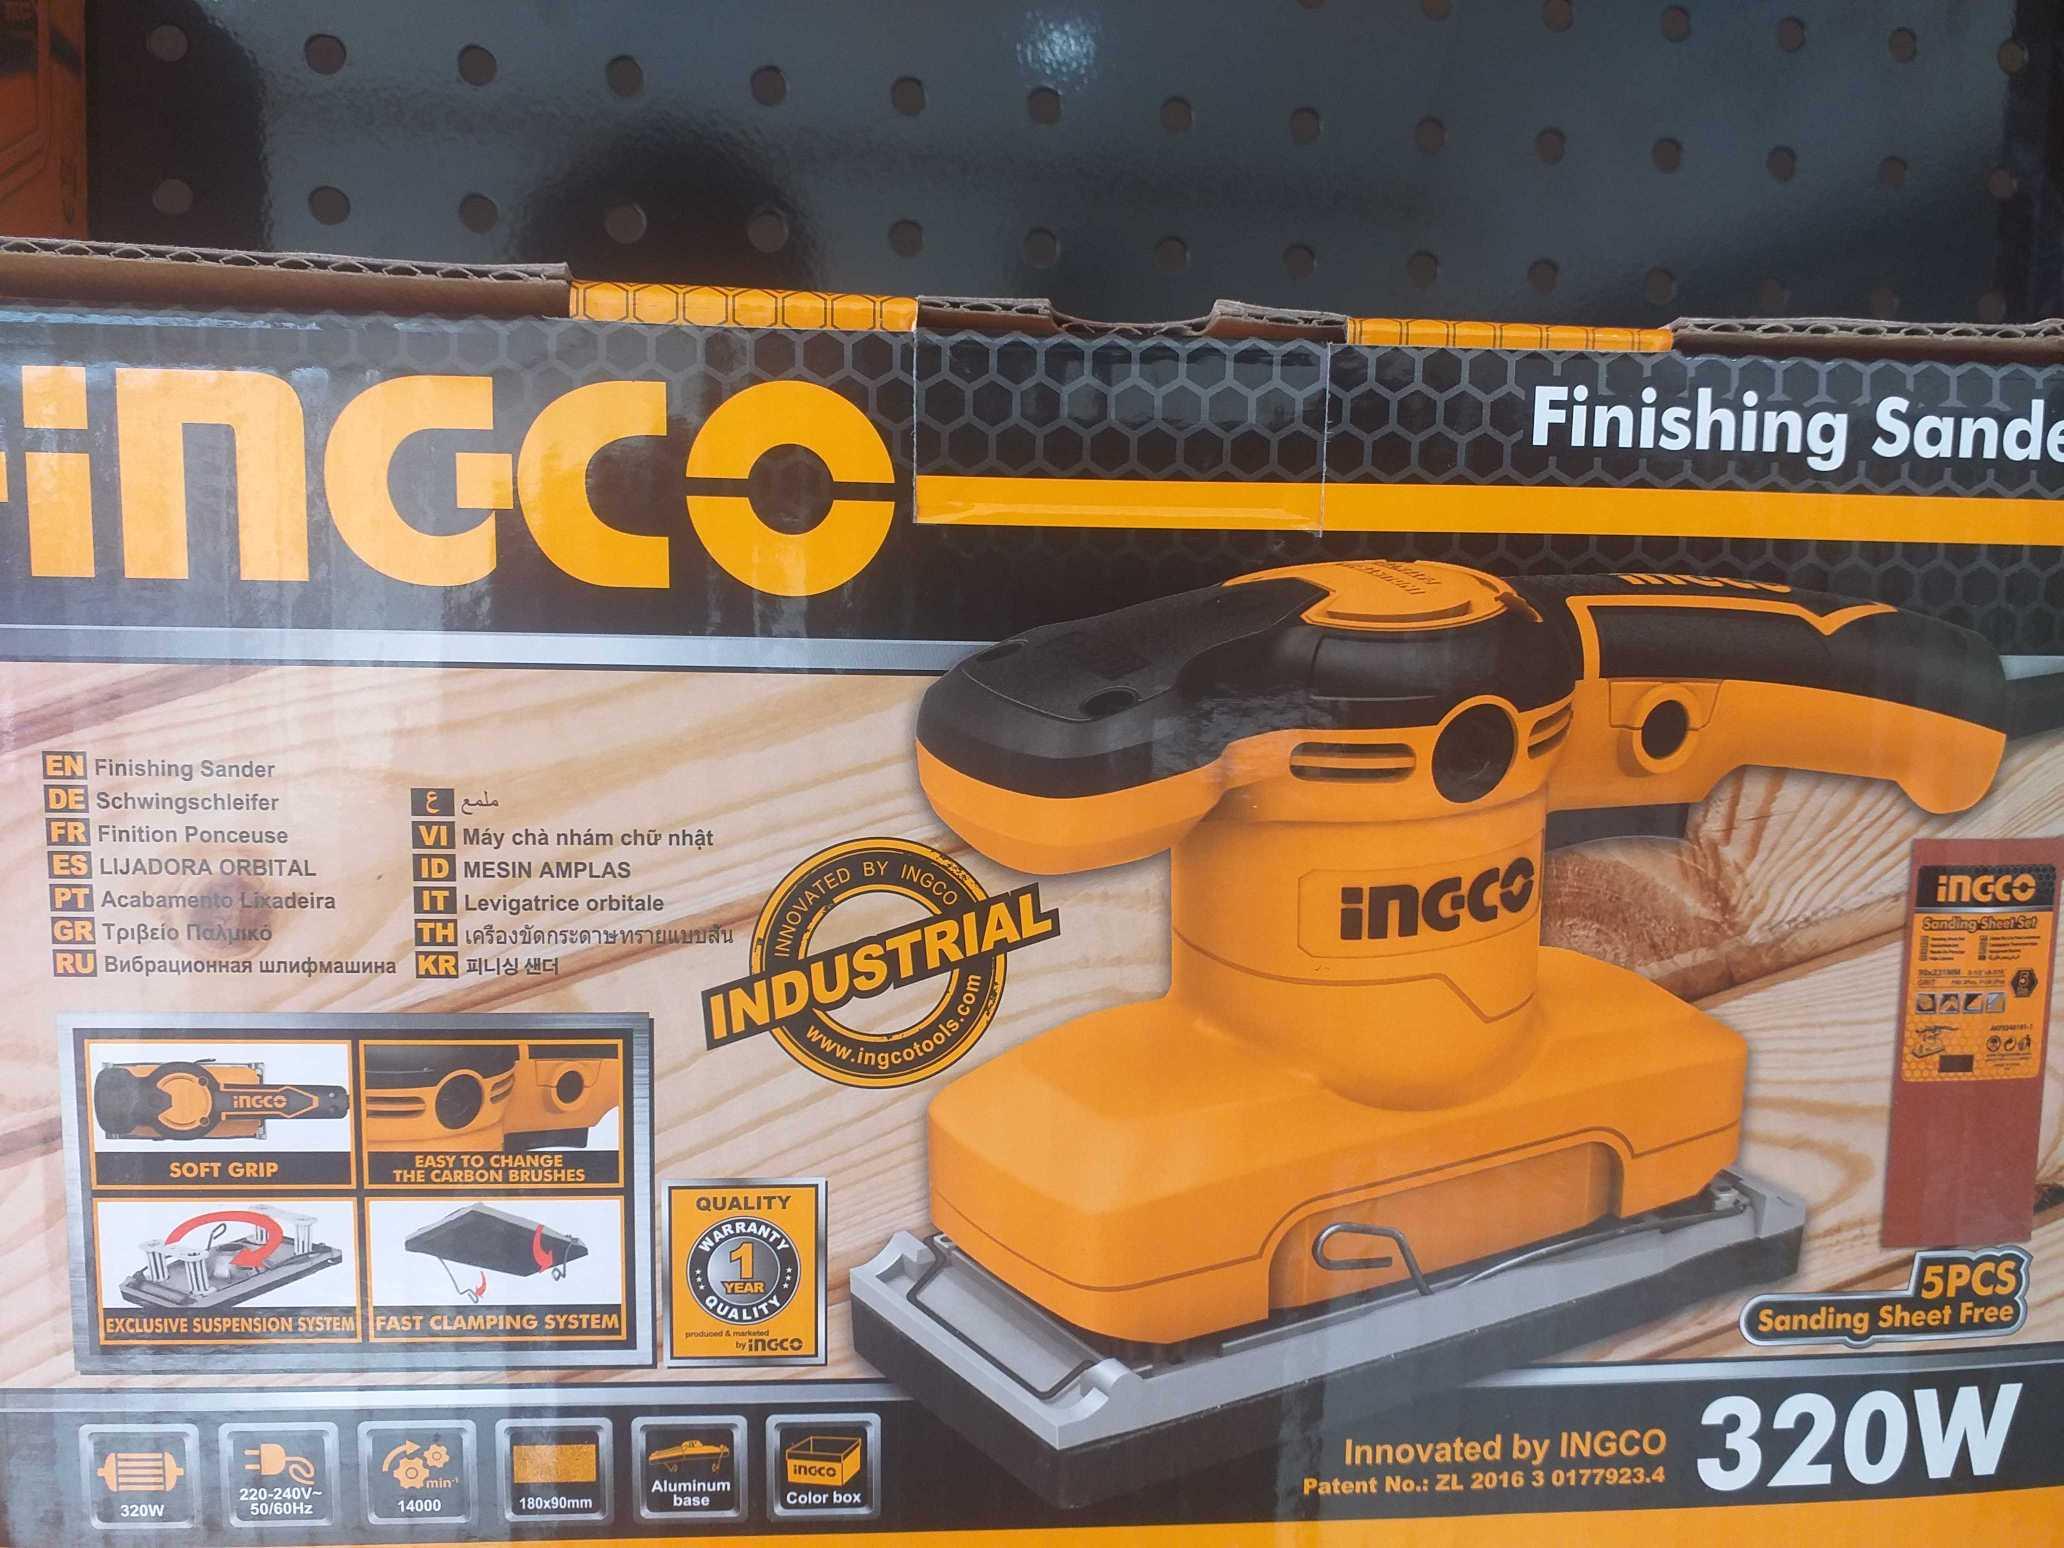 Ingco finishing sander